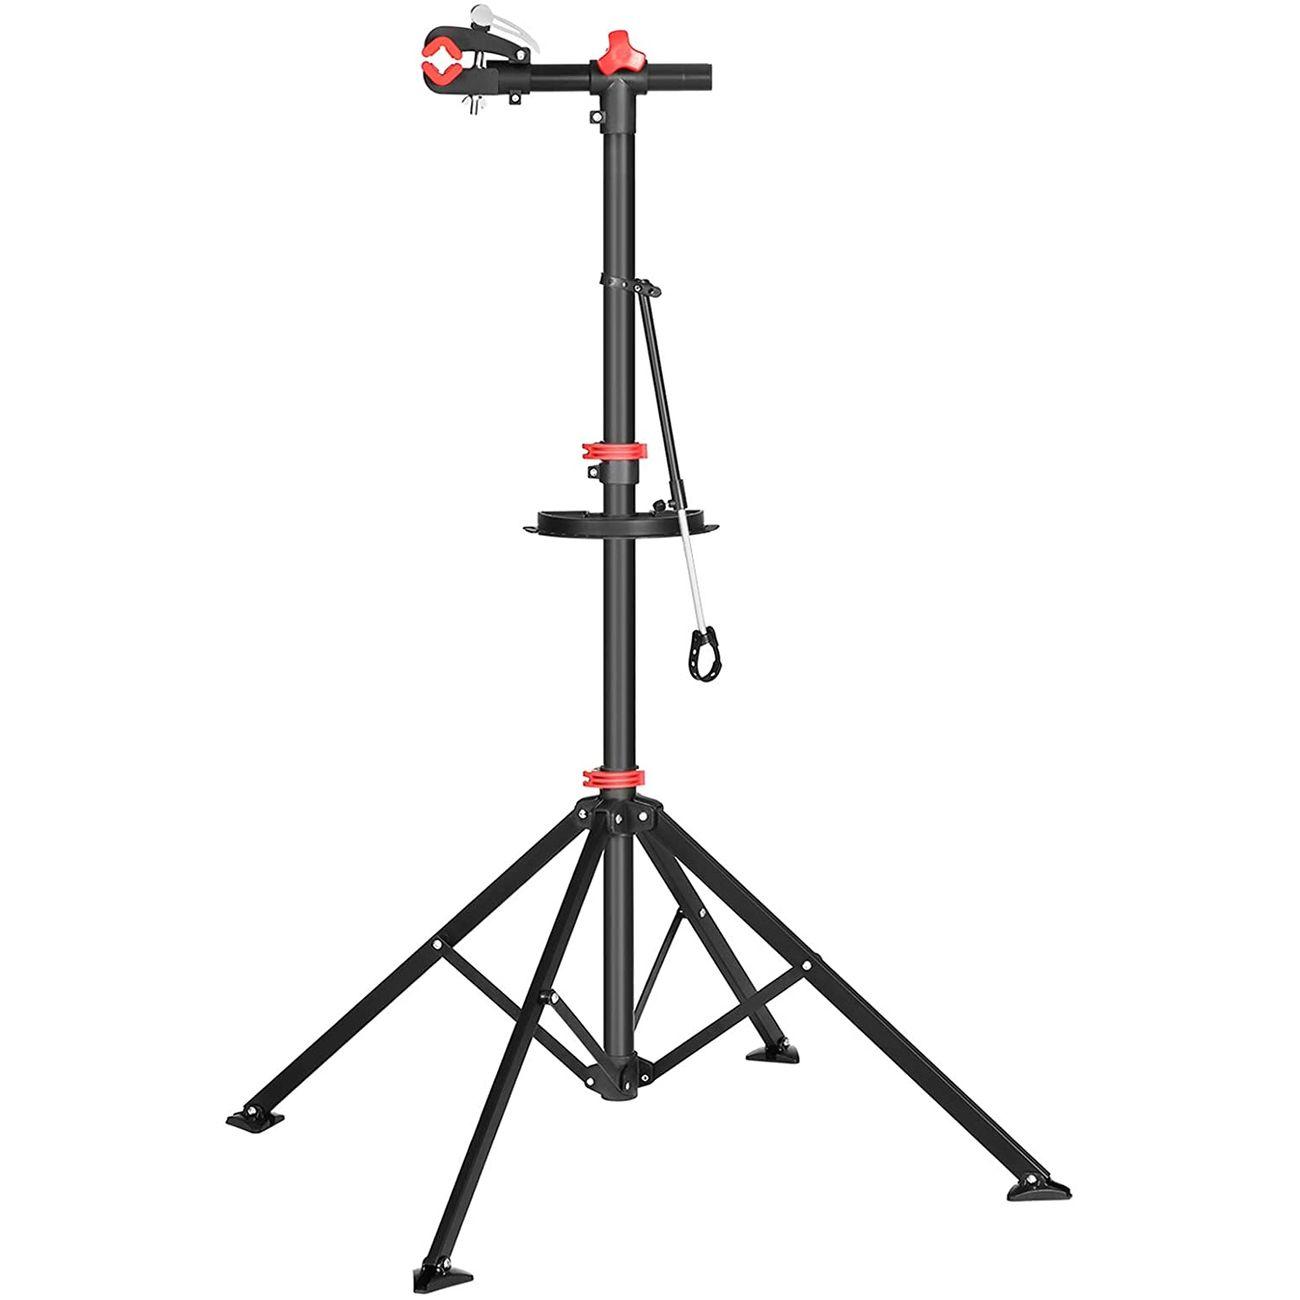 HELLOSHOP26 Support réparation vélo poste de montage pour bicyclette fer plastique Helloshop26 12_0000996